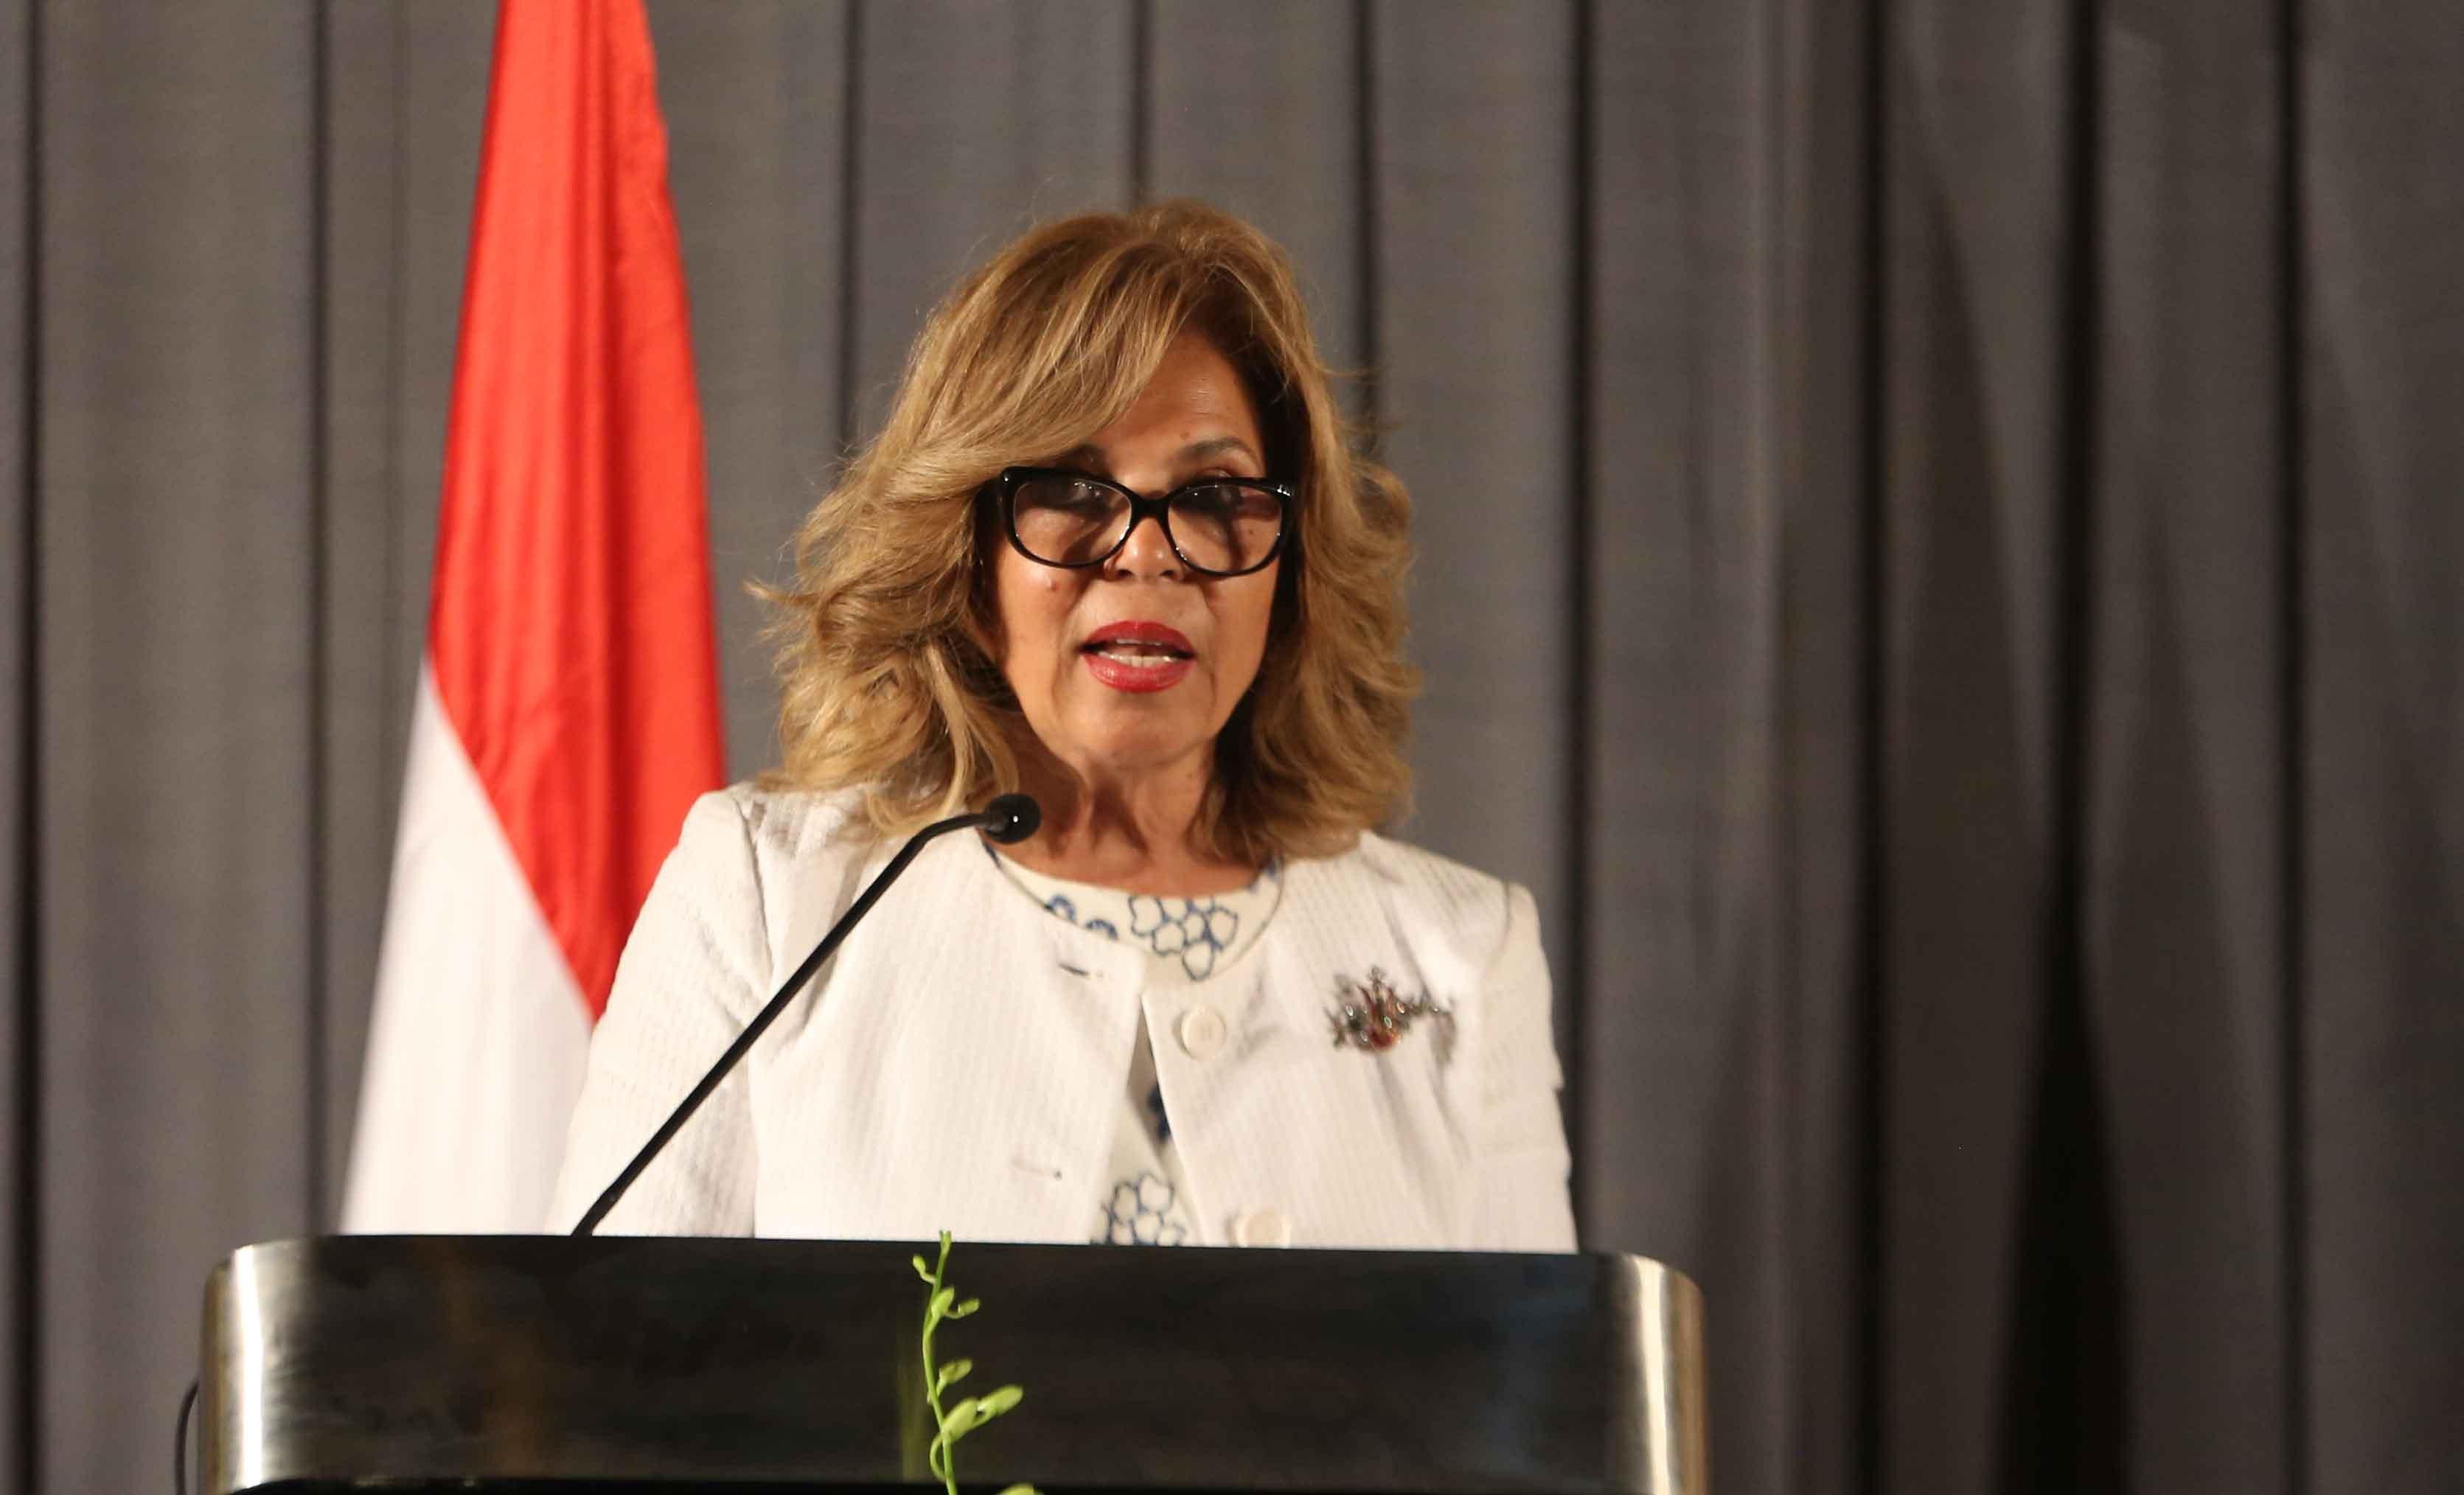 انتخابات اليونسكو.. قطر ما زالت تتصدر للجولة التانية وفرصة ثالثة لمصر